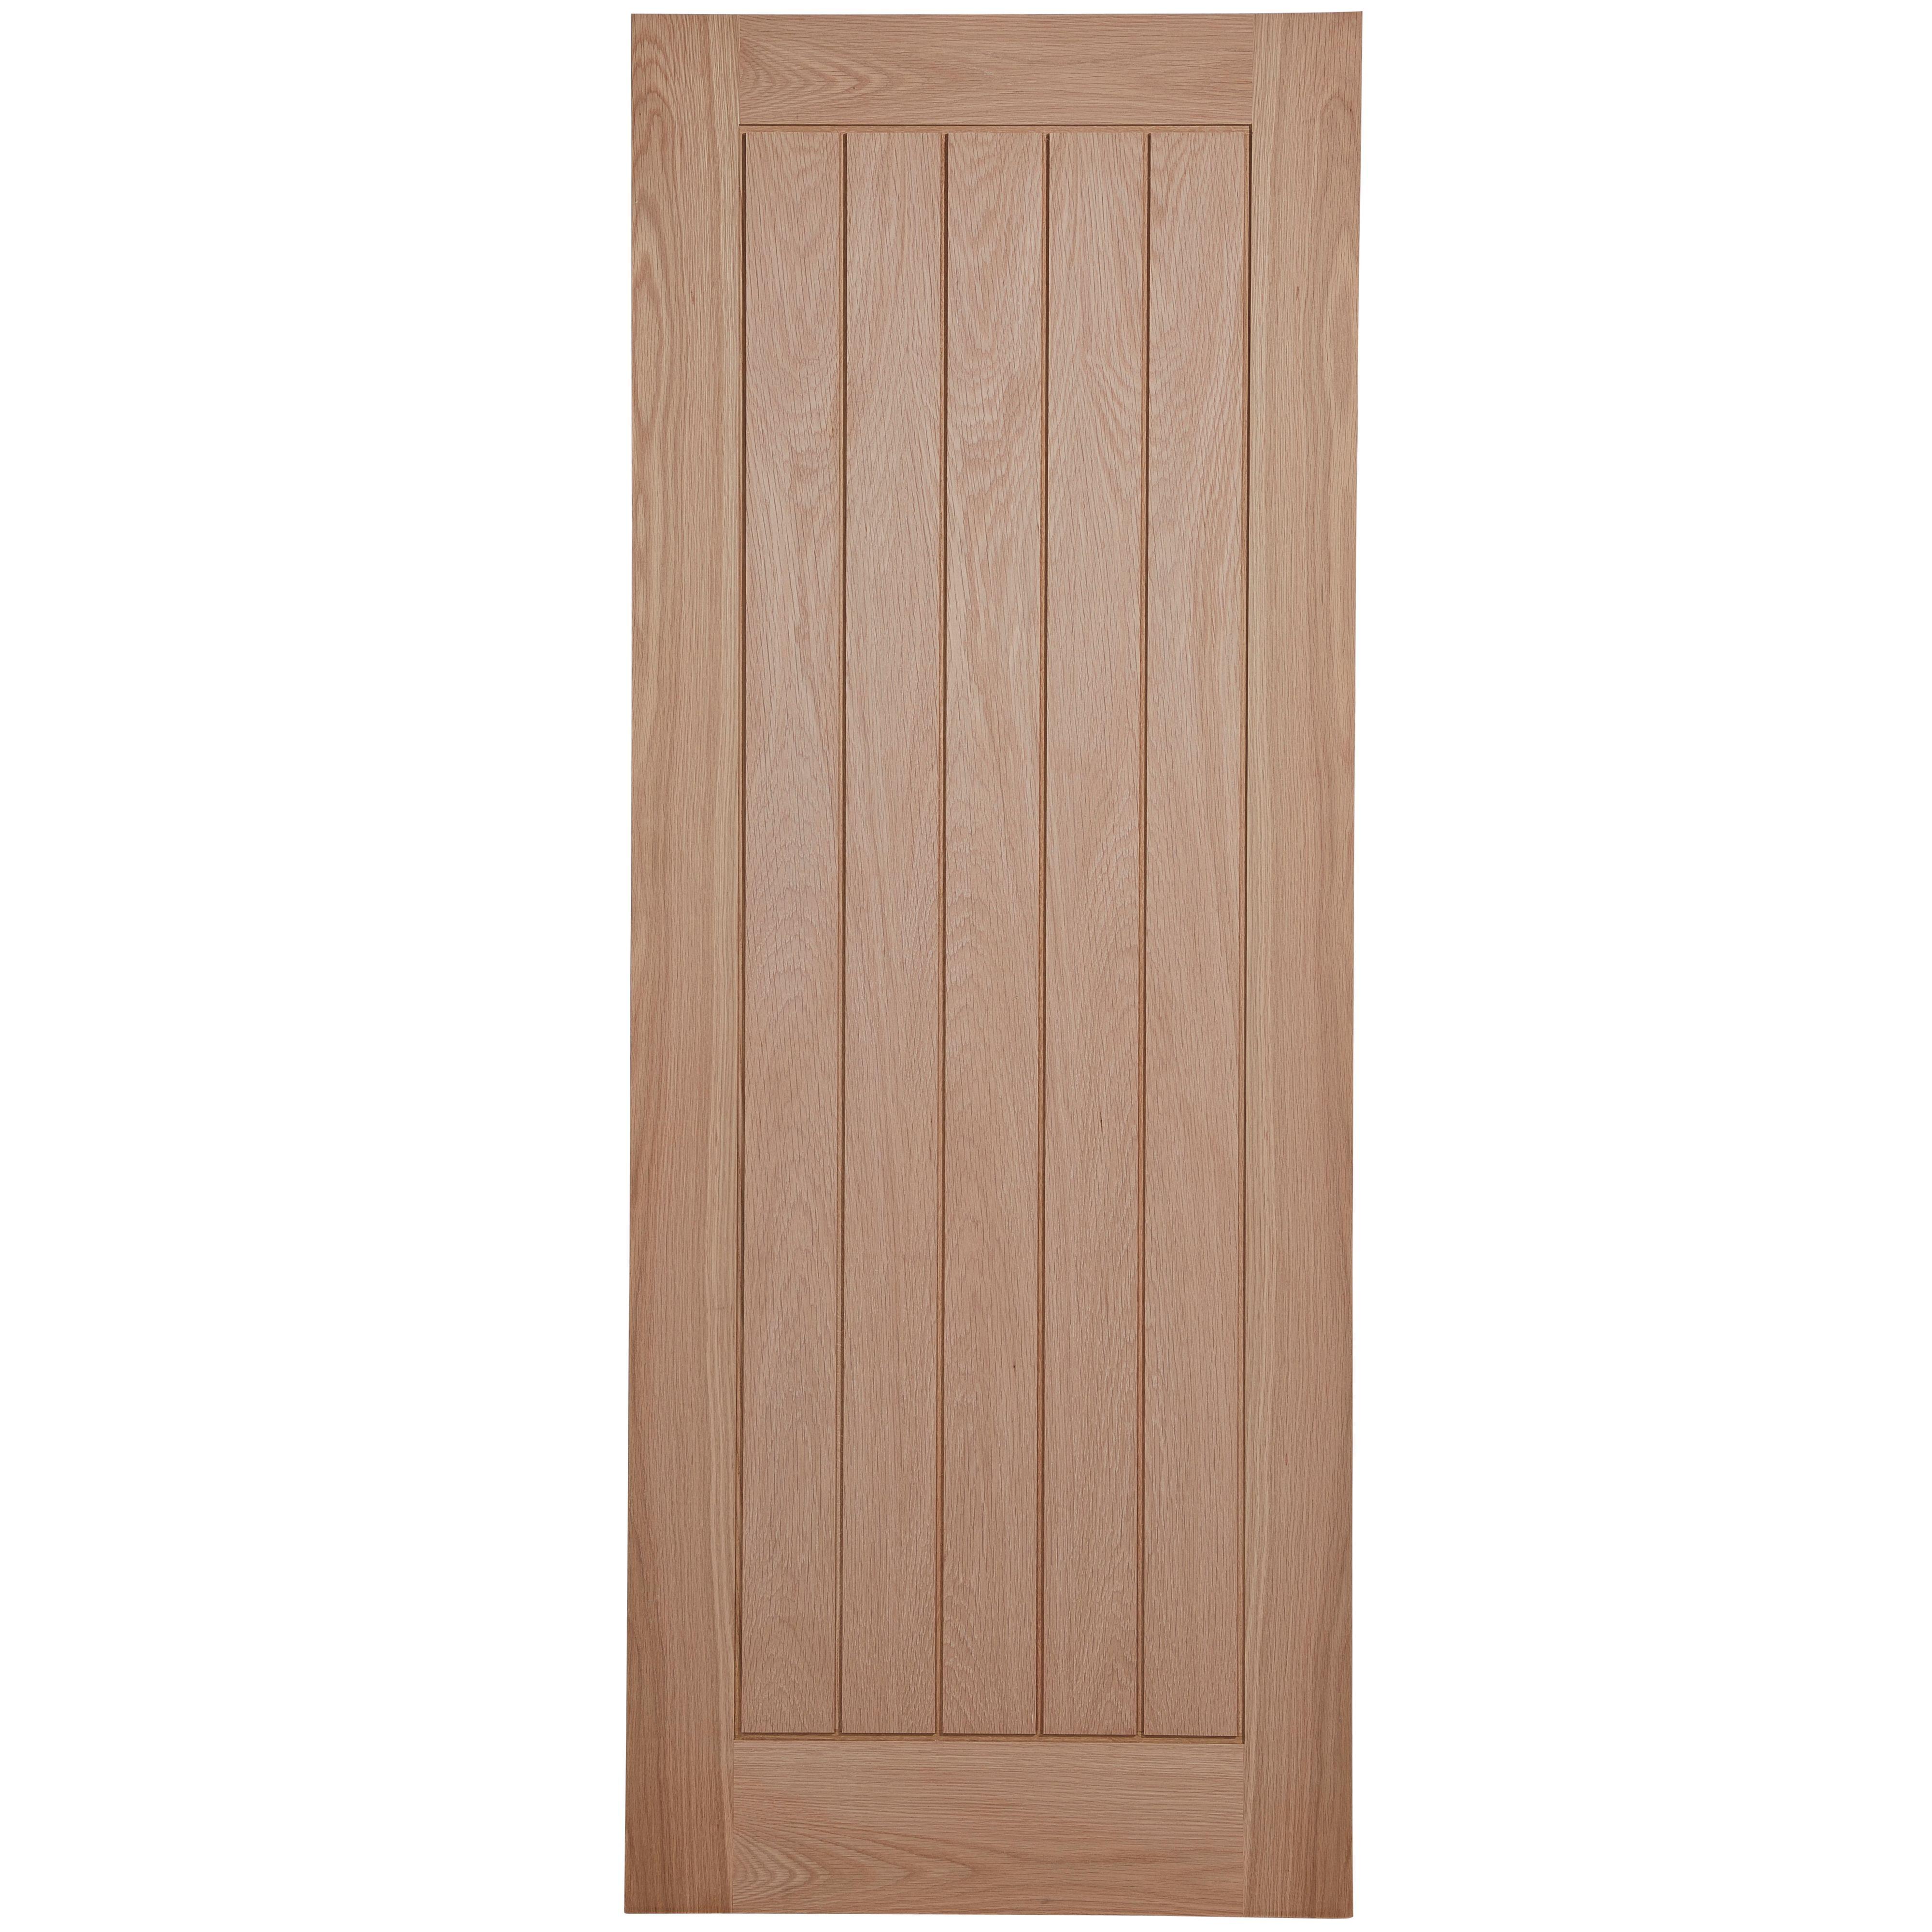 cottage panelled oak veneer internal unglazed cupboard. Black Bedroom Furniture Sets. Home Design Ideas